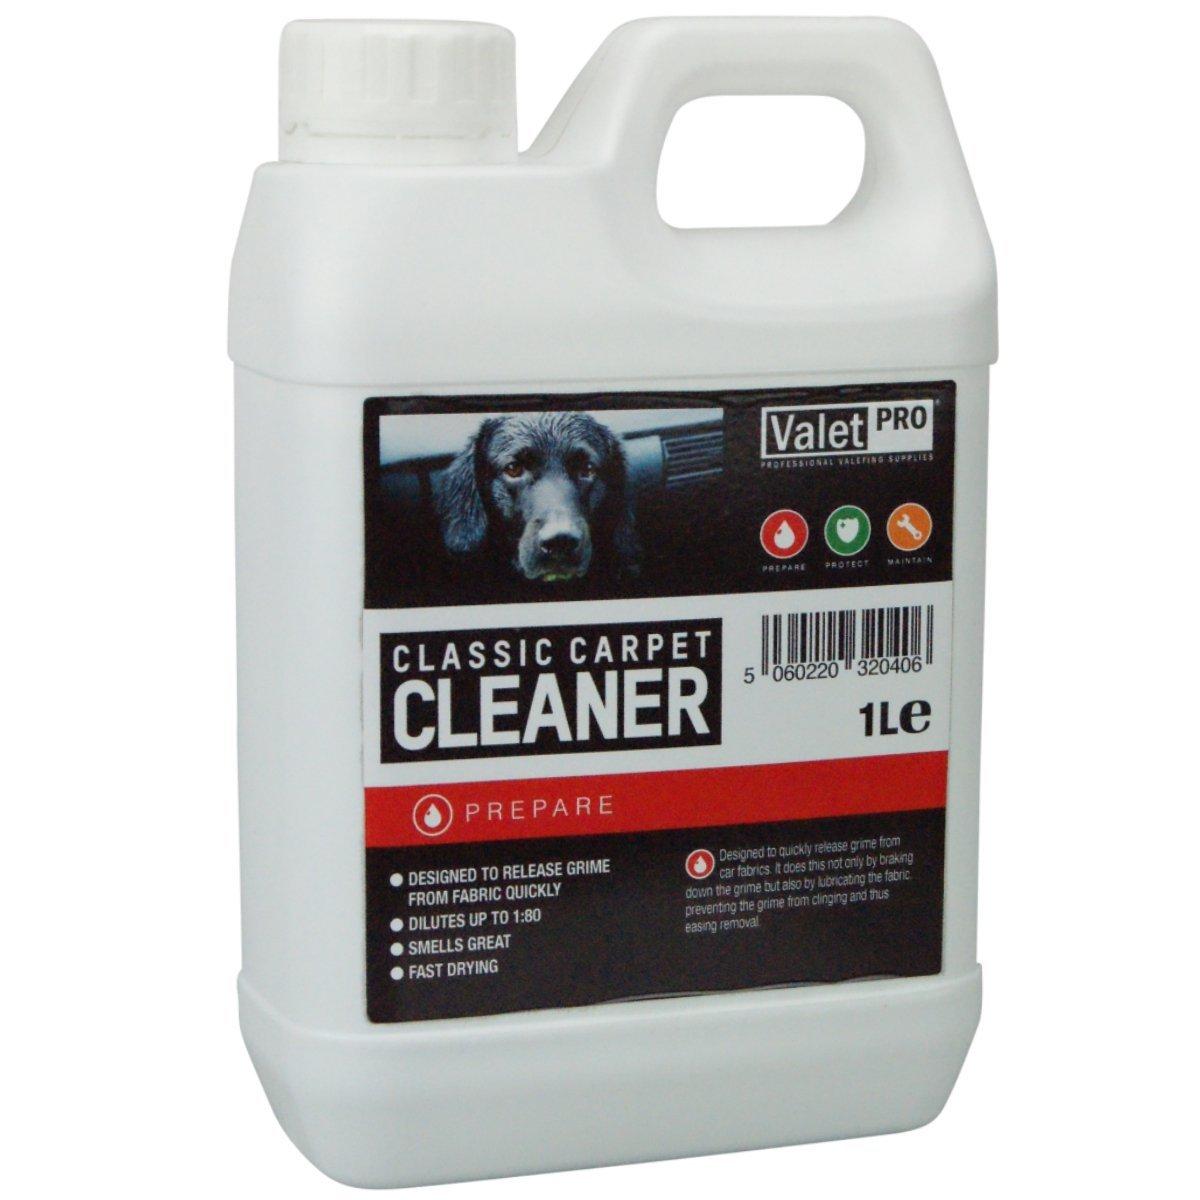 Classic Carpet Cleaner